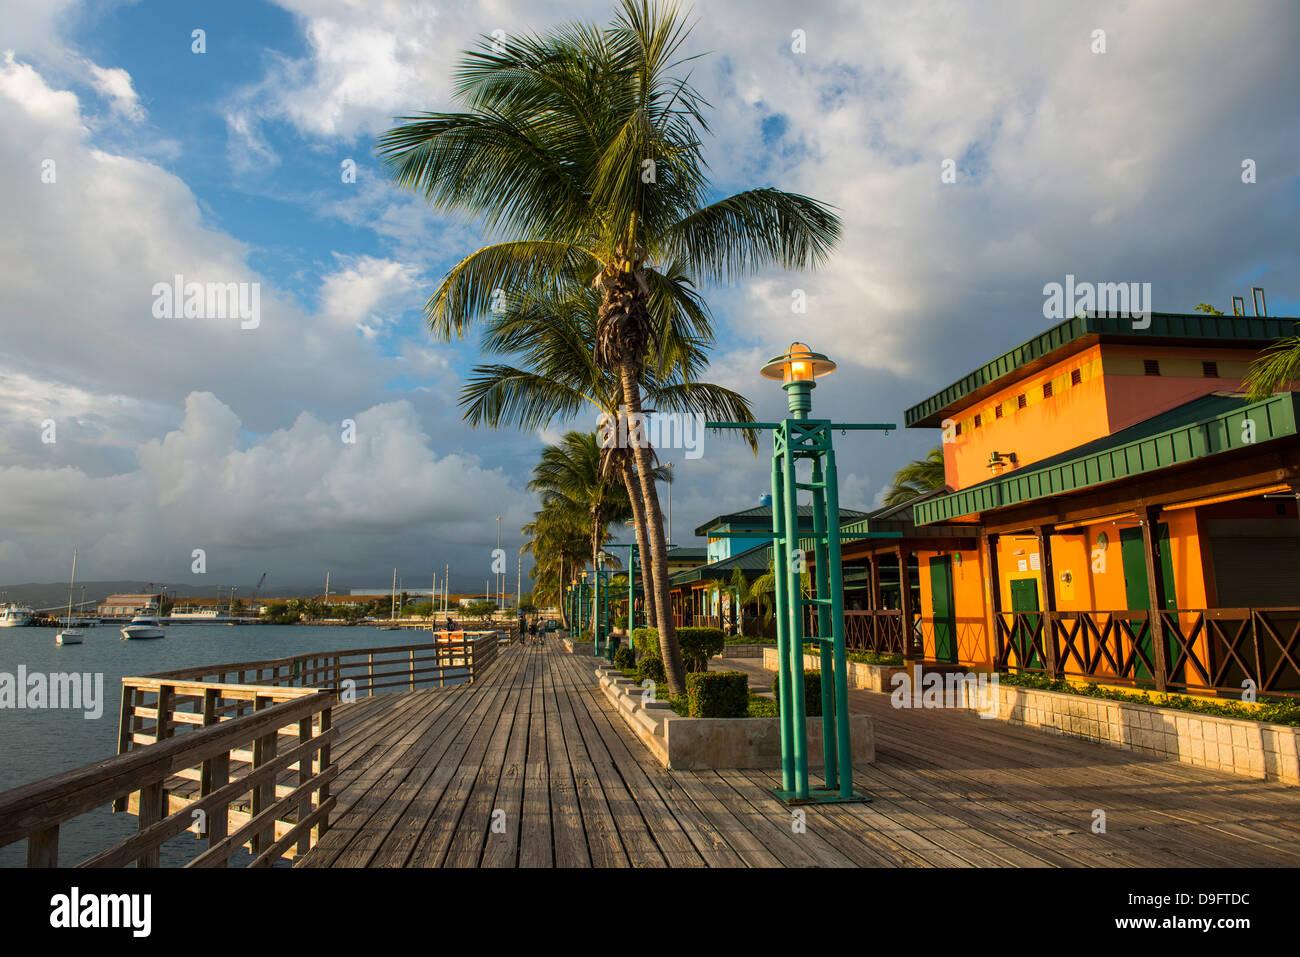 El puerto de Ponce, Puerto Rico, Antillas, Caribe Imagen De Stock